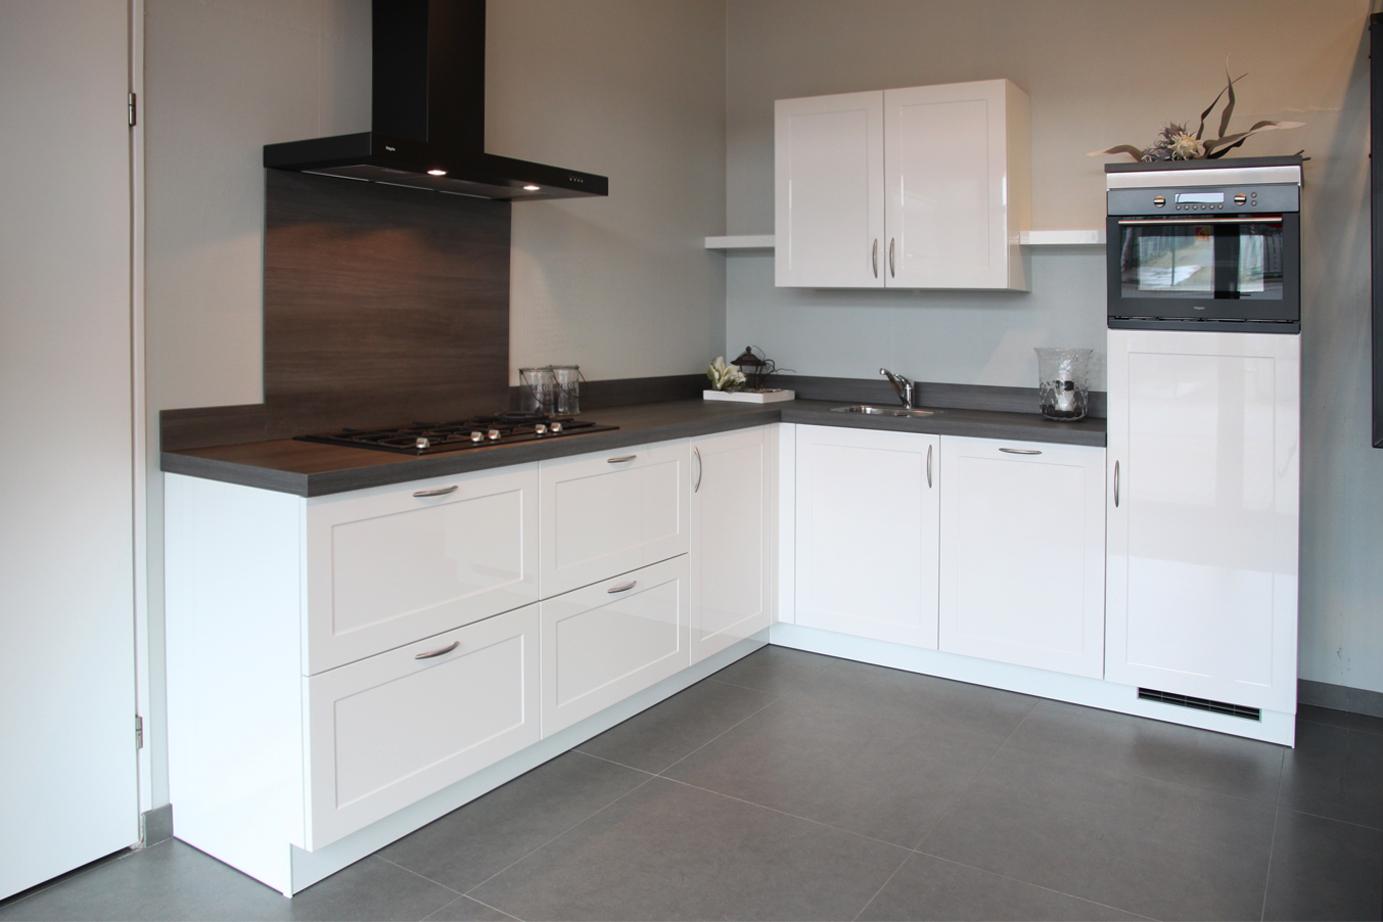 Einde Witte Keuken : De leukste keukentrends voor roomed